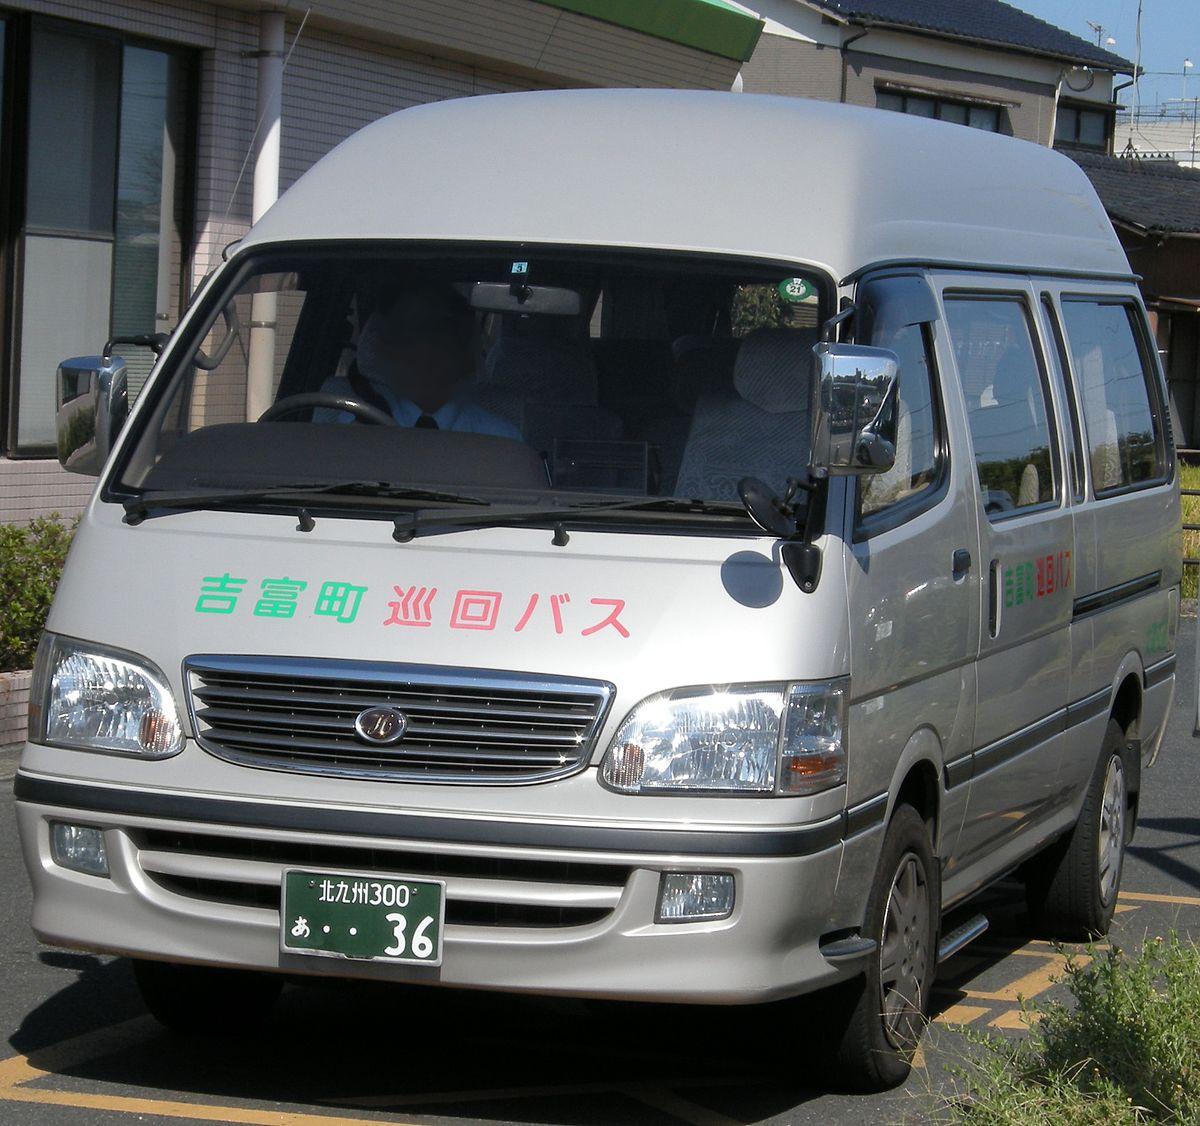 吉富町巡回バス - Wikipedia